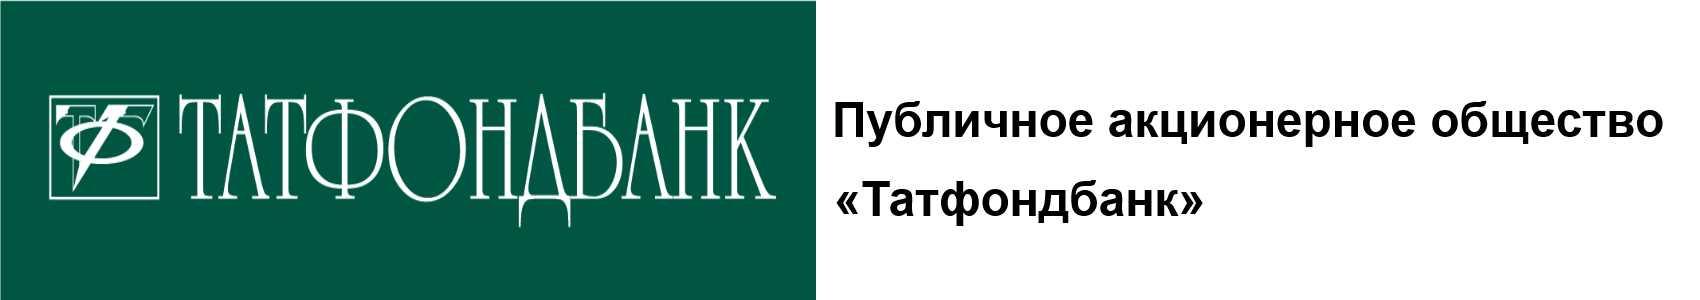 ПАО «Татфондбанк»